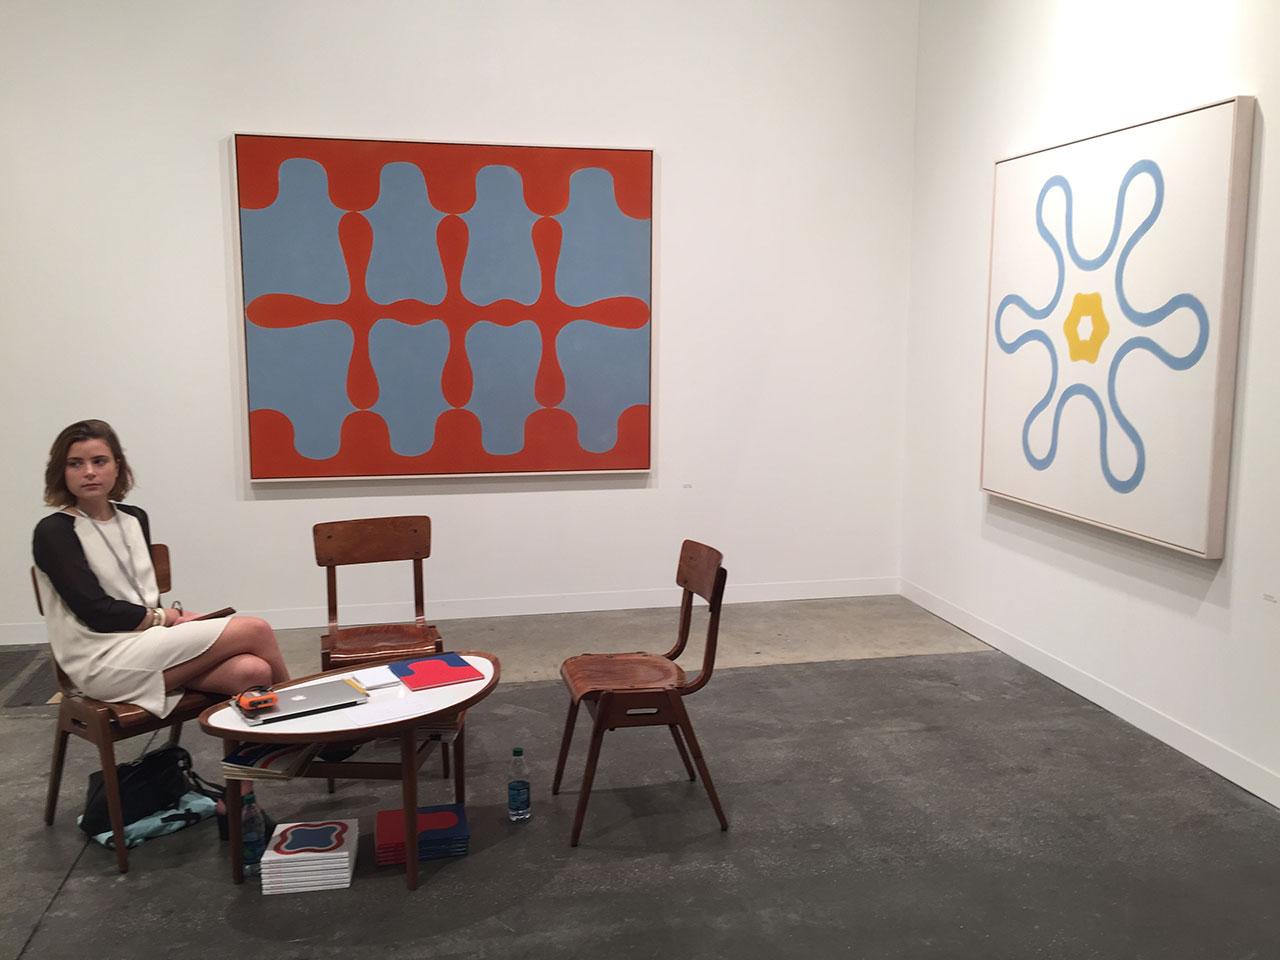 At Garth Greenan Gallery of NYC